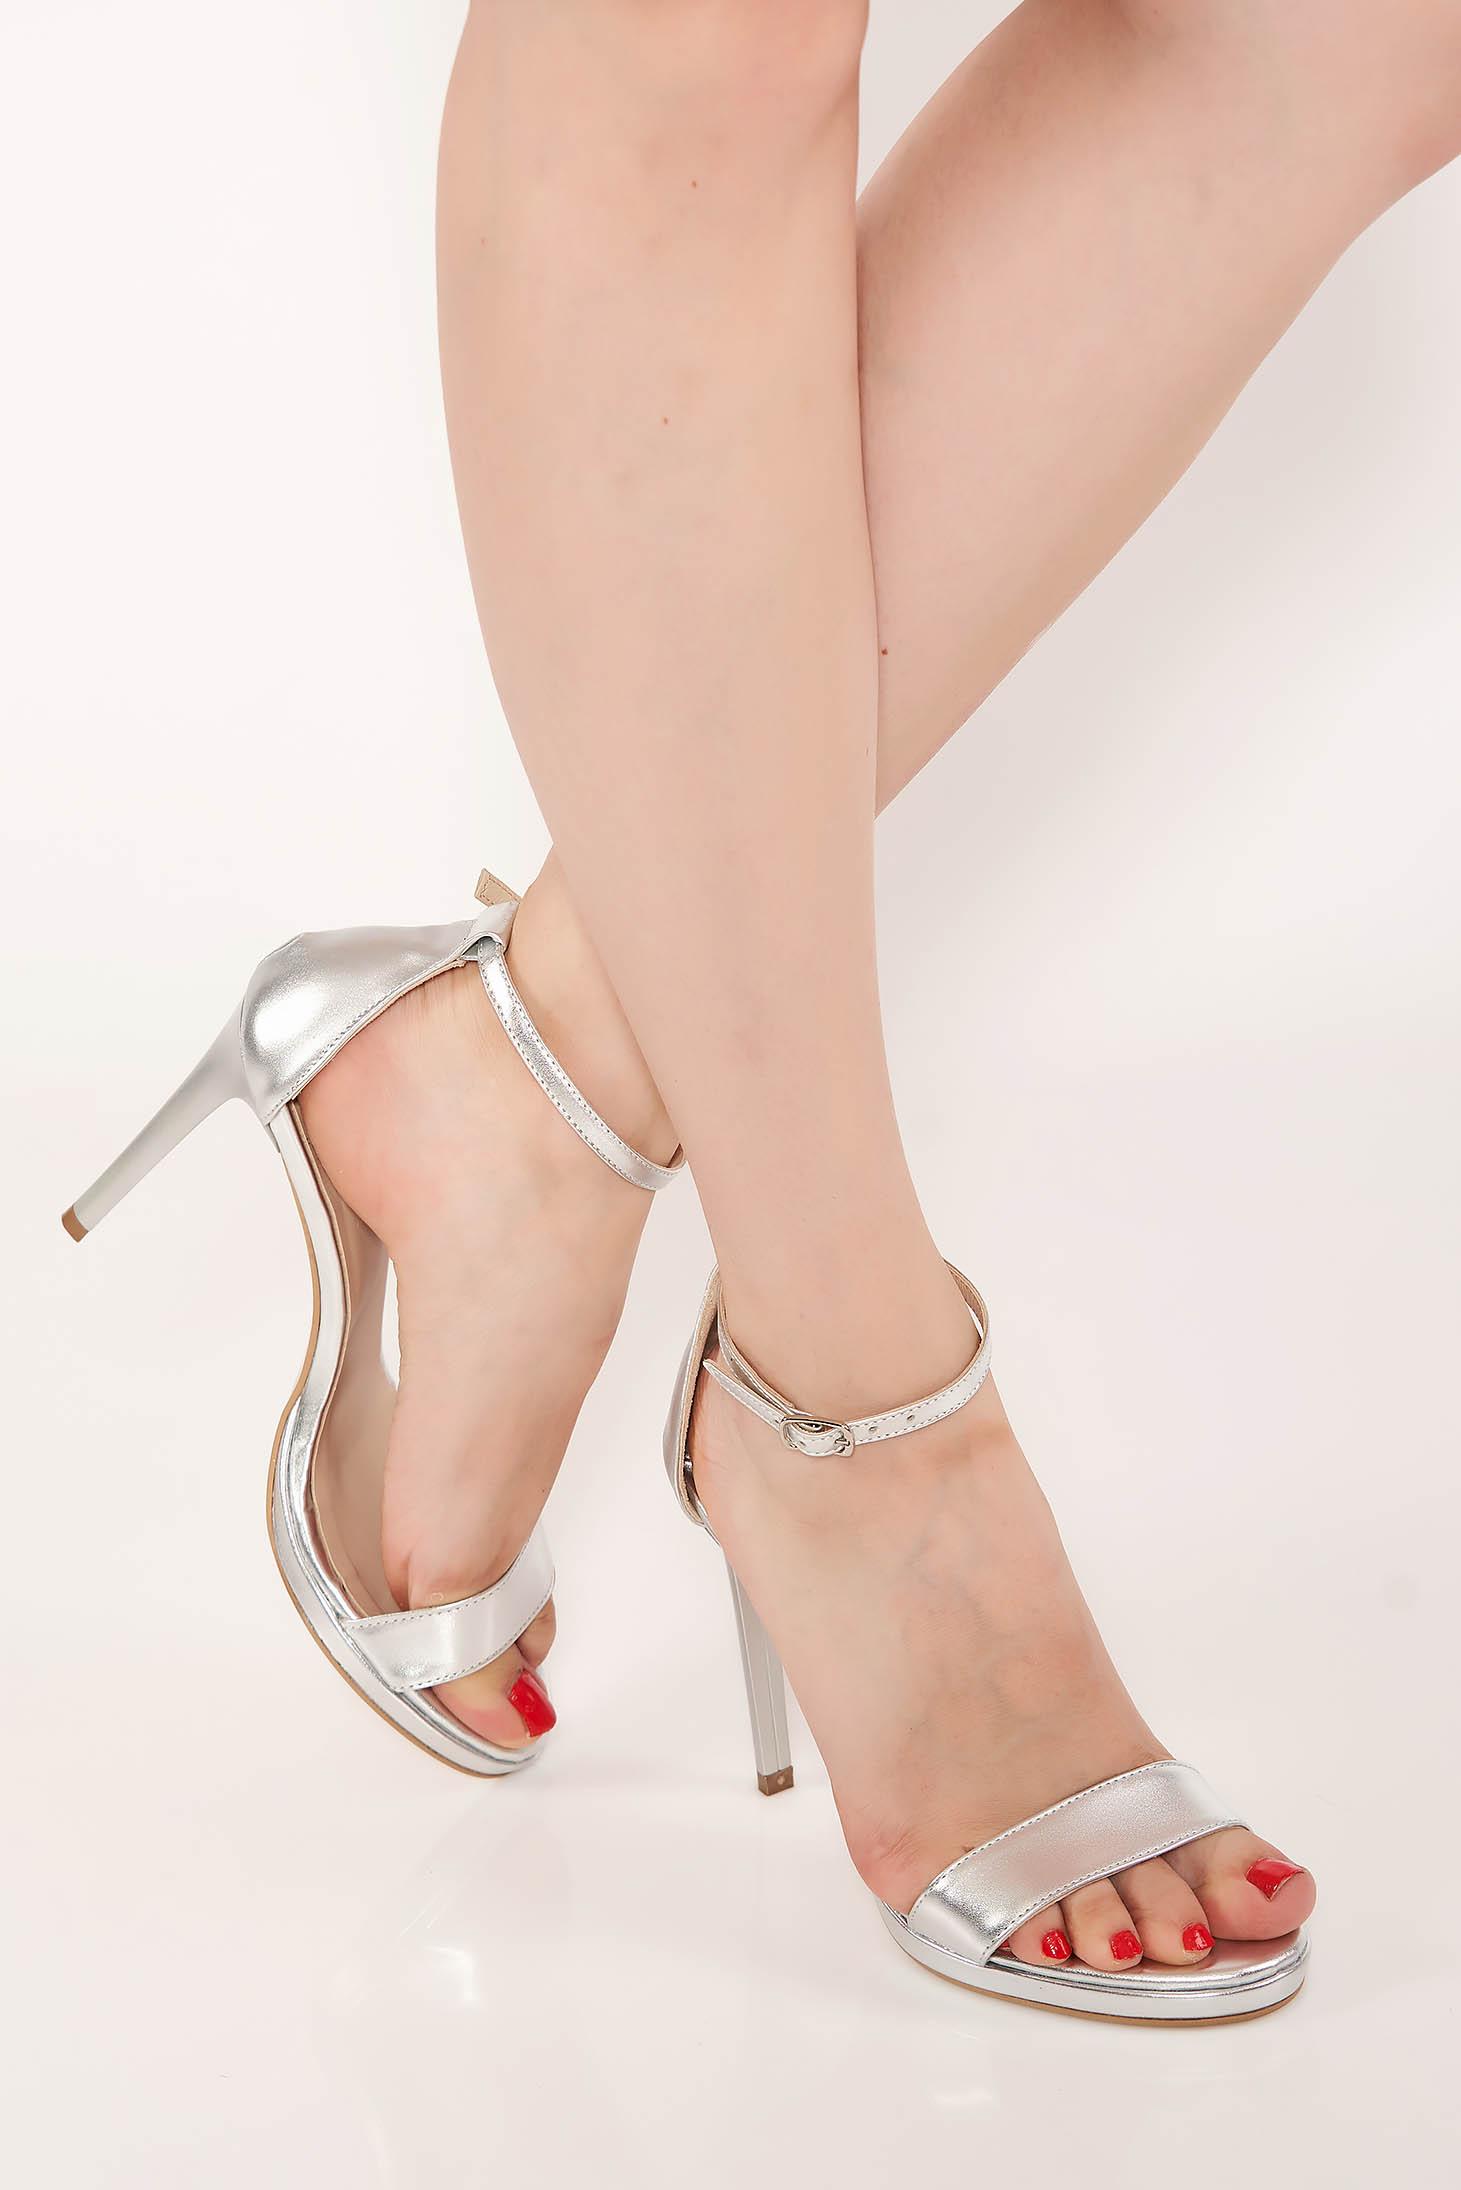 Sandale argintii elegante din piele naturala cu toc inalt de 11 cm